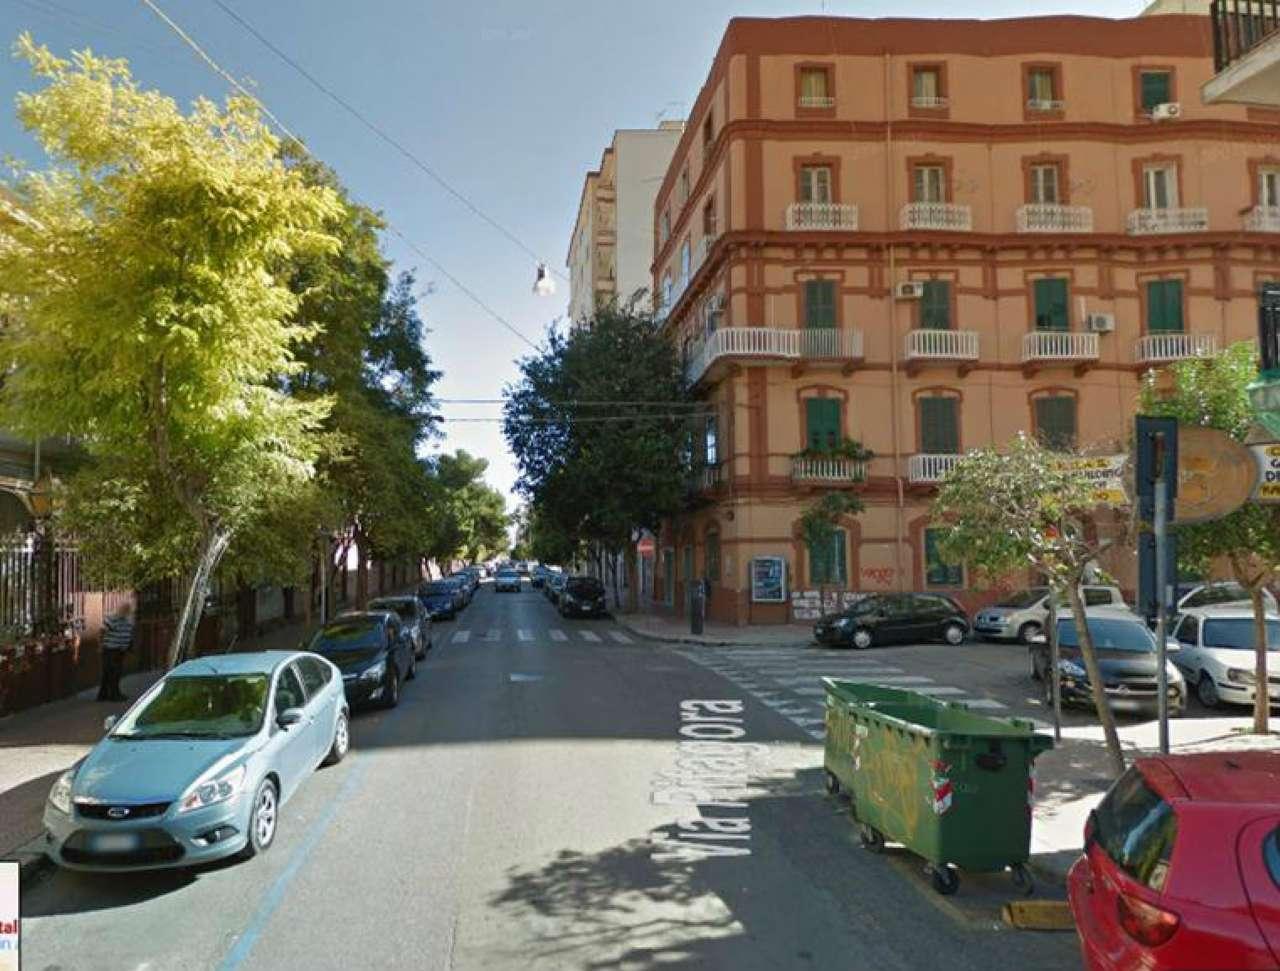 Appartamento in vendita a Taranto, 3 locali, prezzo € 80.000 | CambioCasa.it